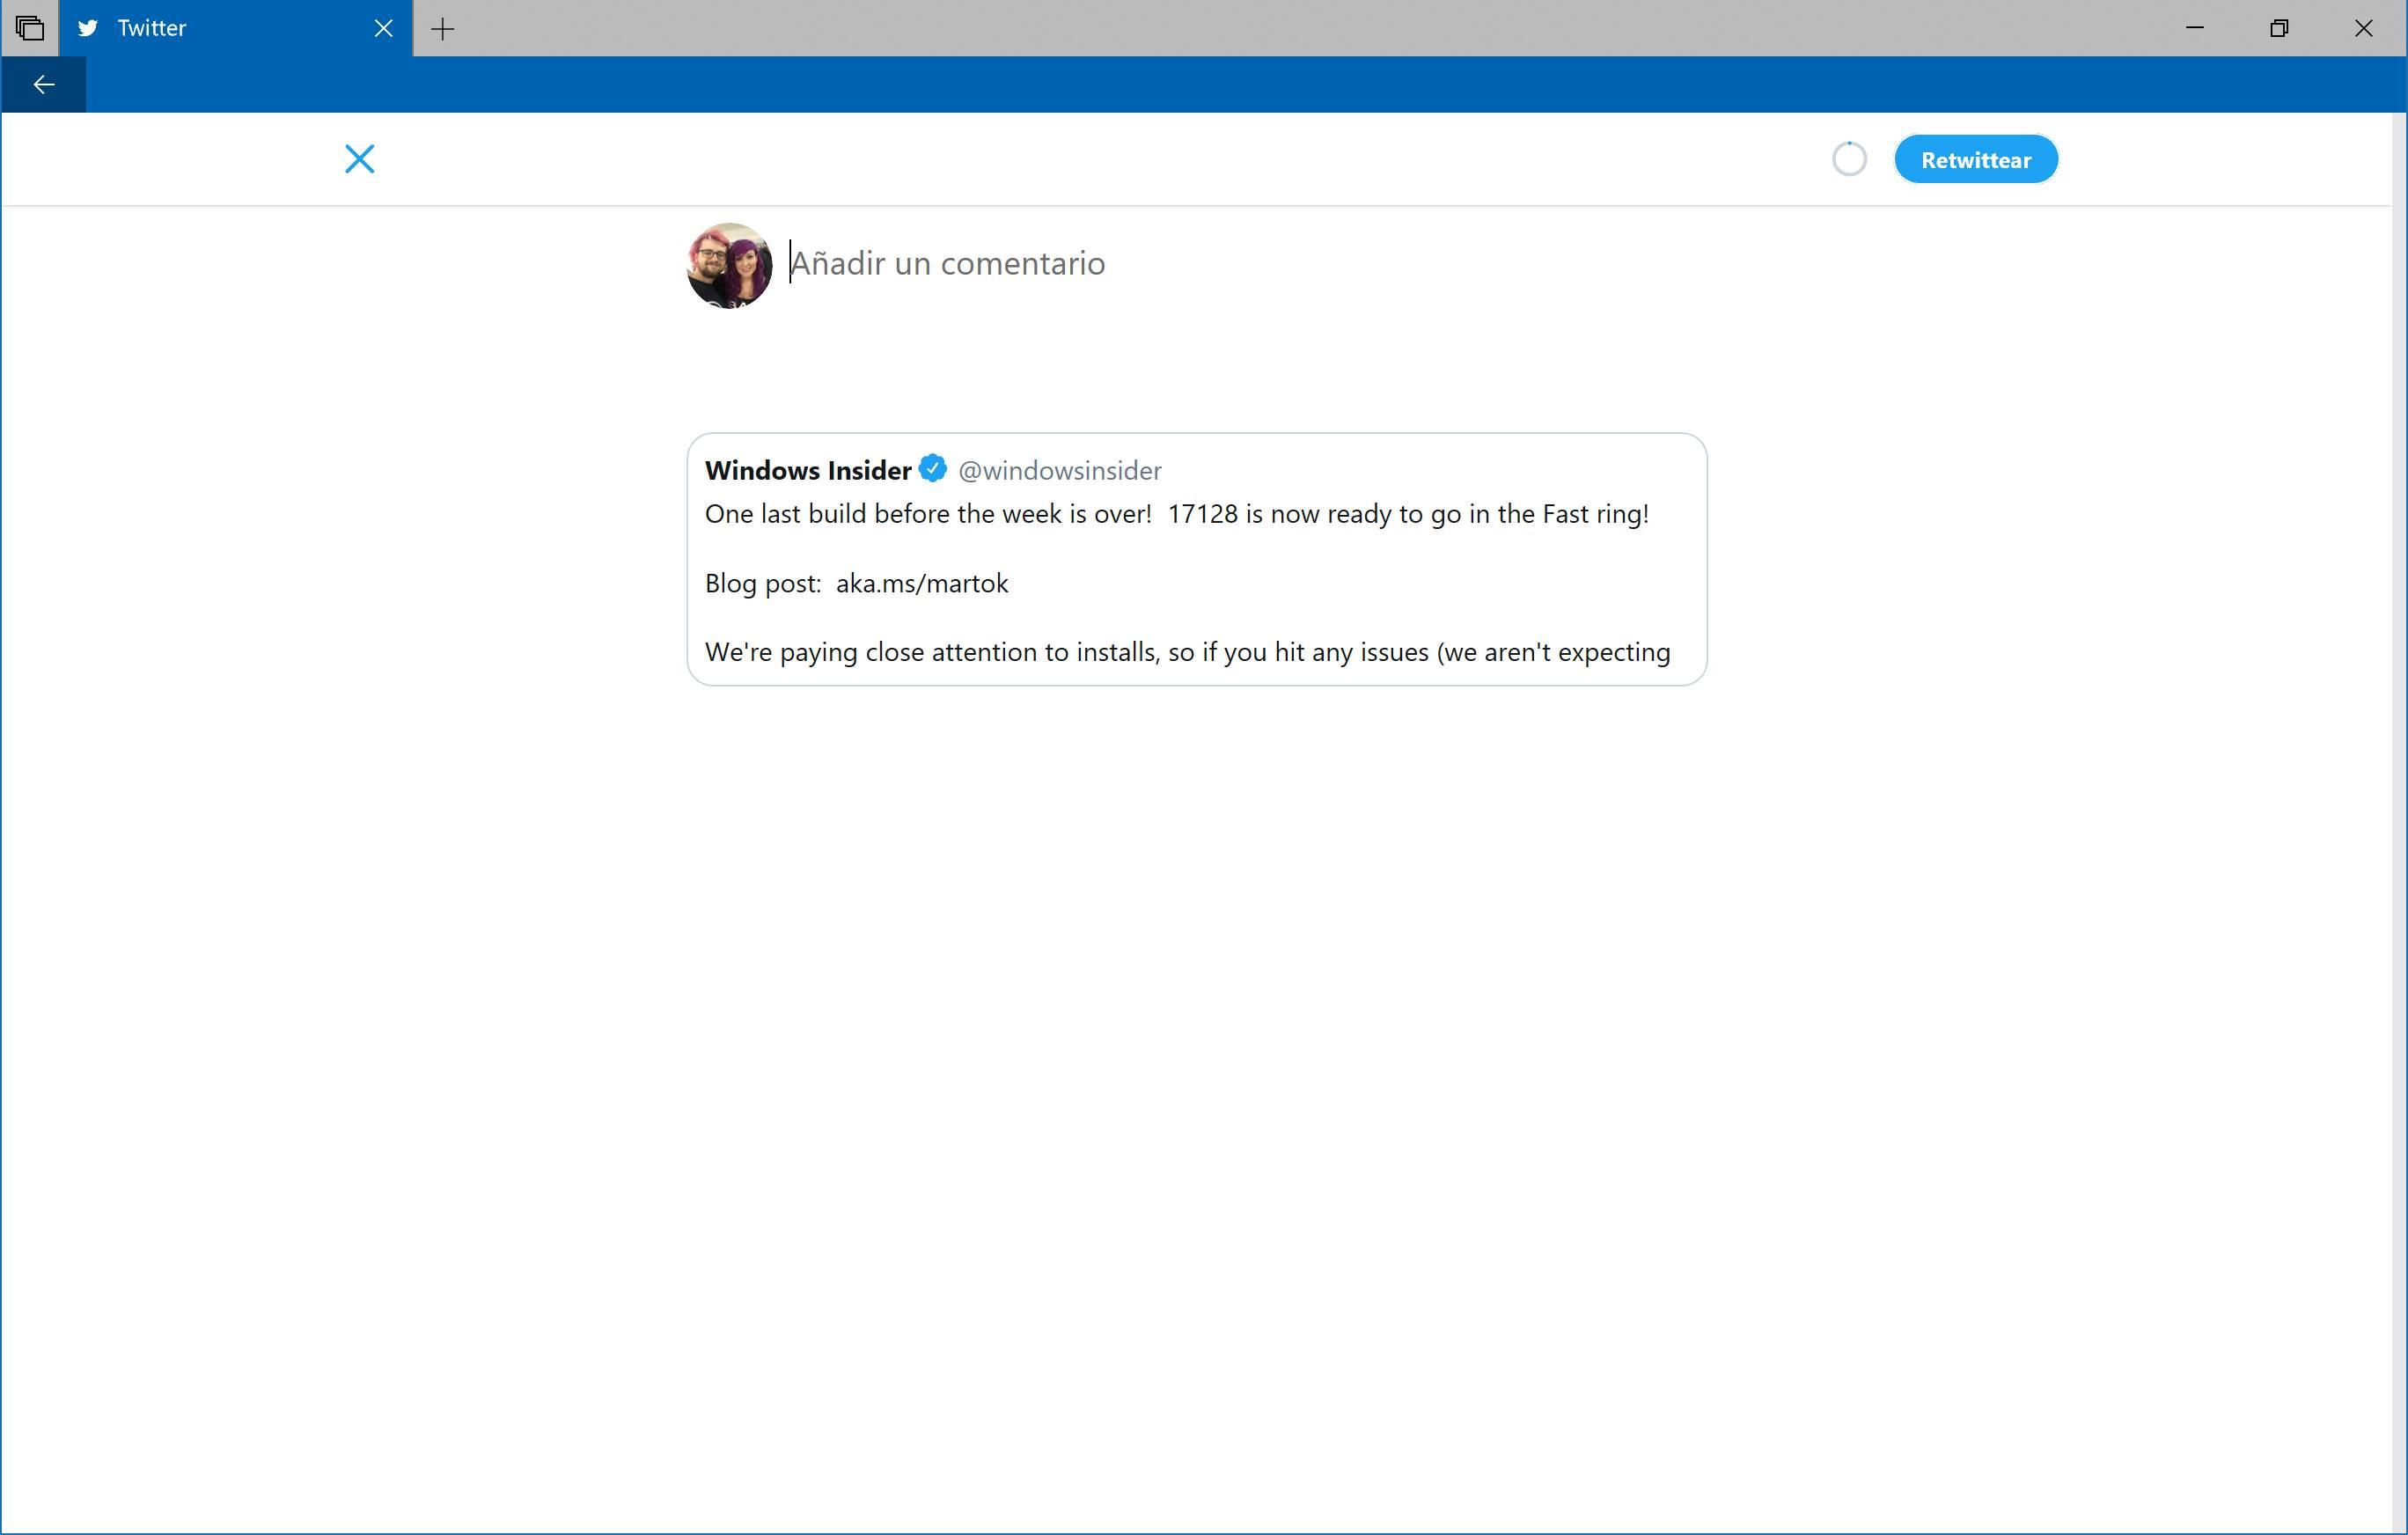 Twitter 6.0 citar tweet